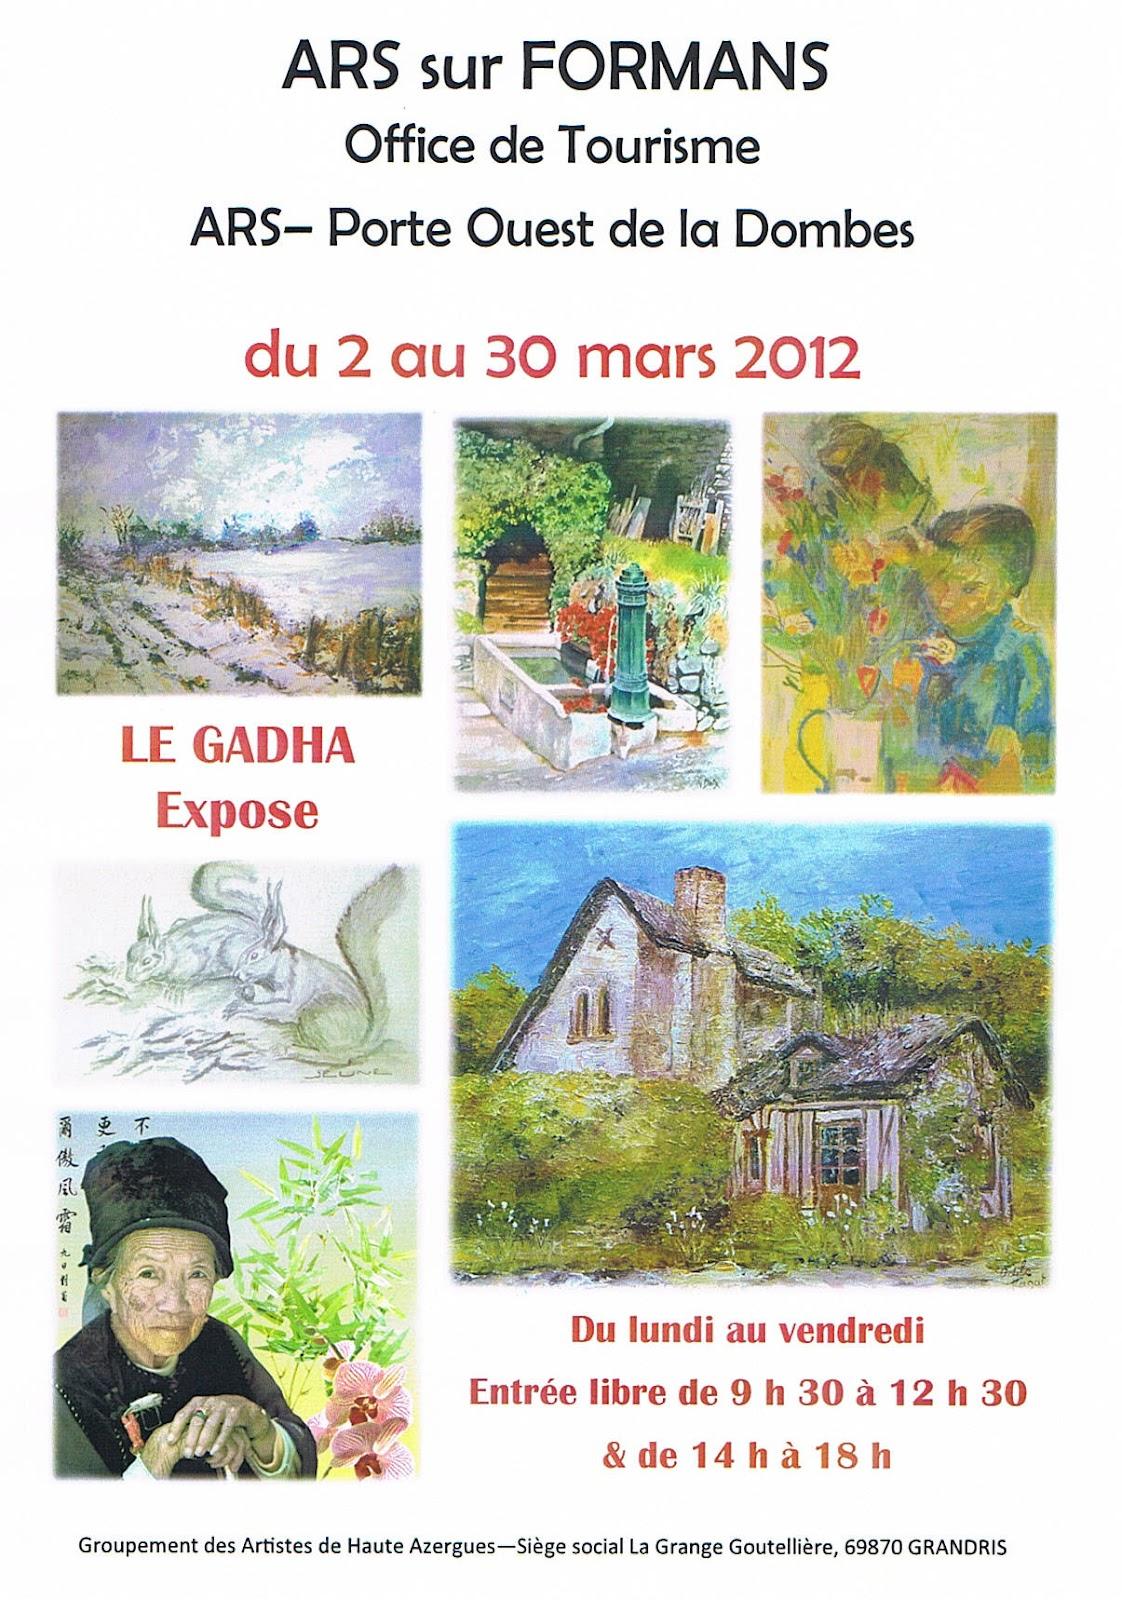 Des couleurs dans l 39 atelier lezar 39 tistes bvs actu - Office tourisme ars en re ...